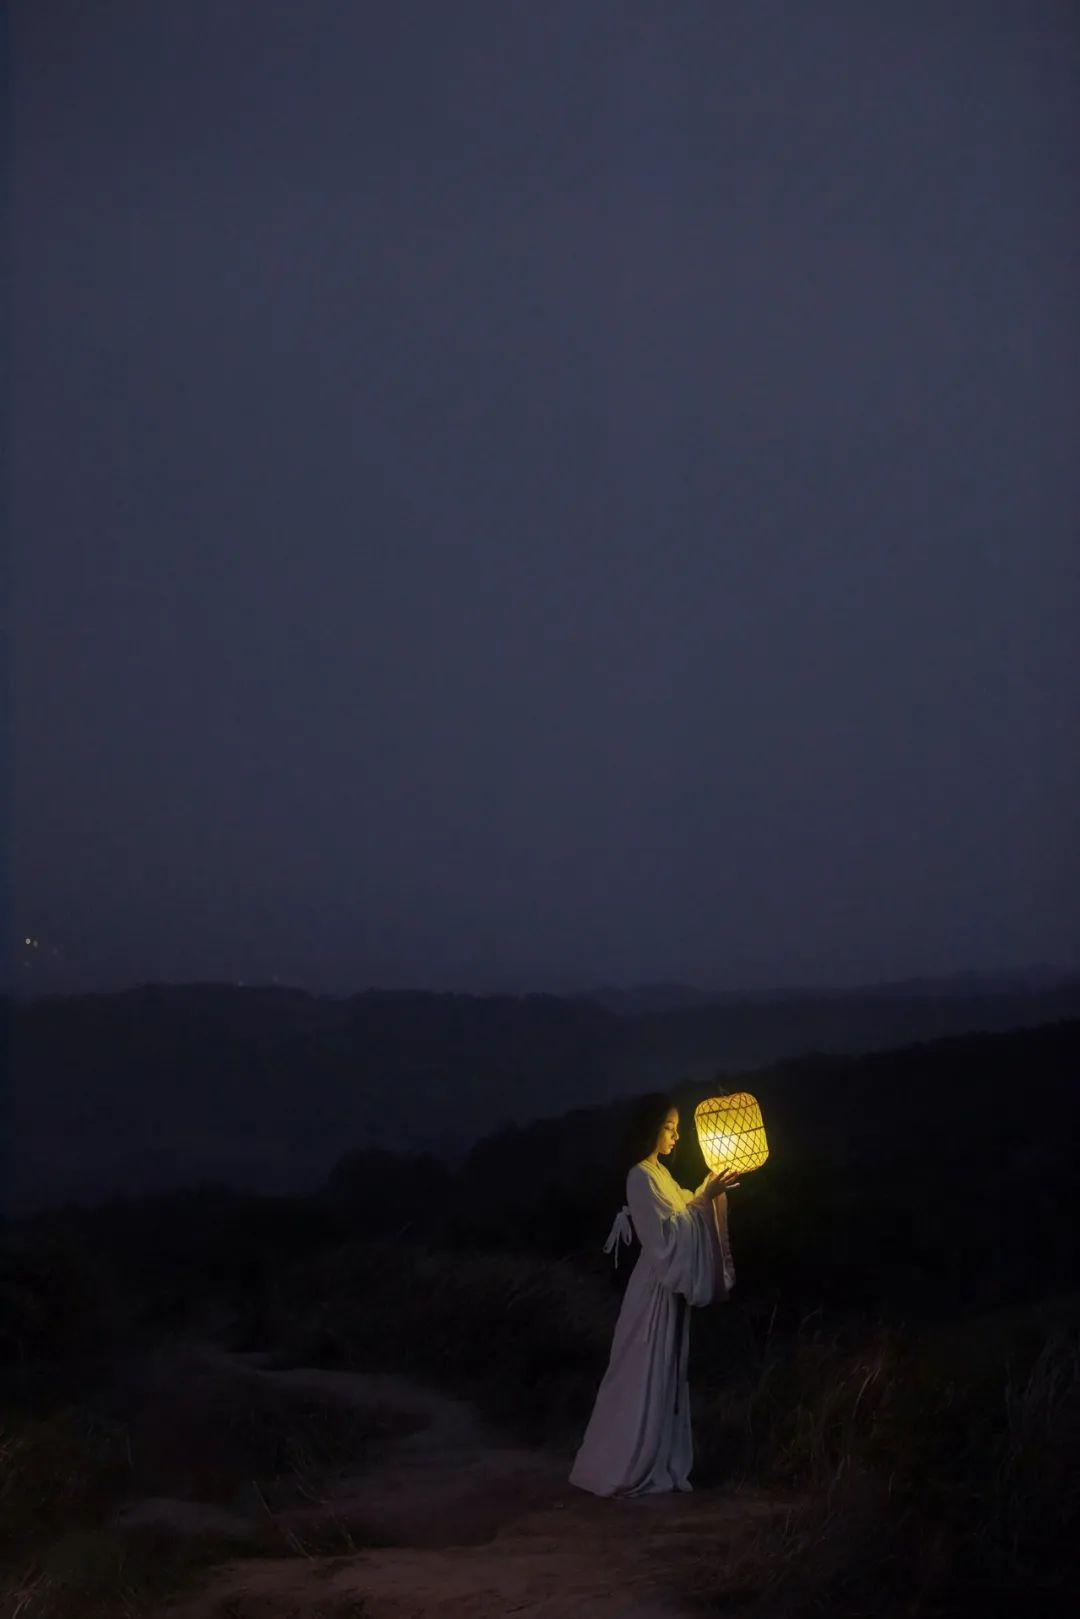 【汉服摄影】所爱隔山海,所思在远道